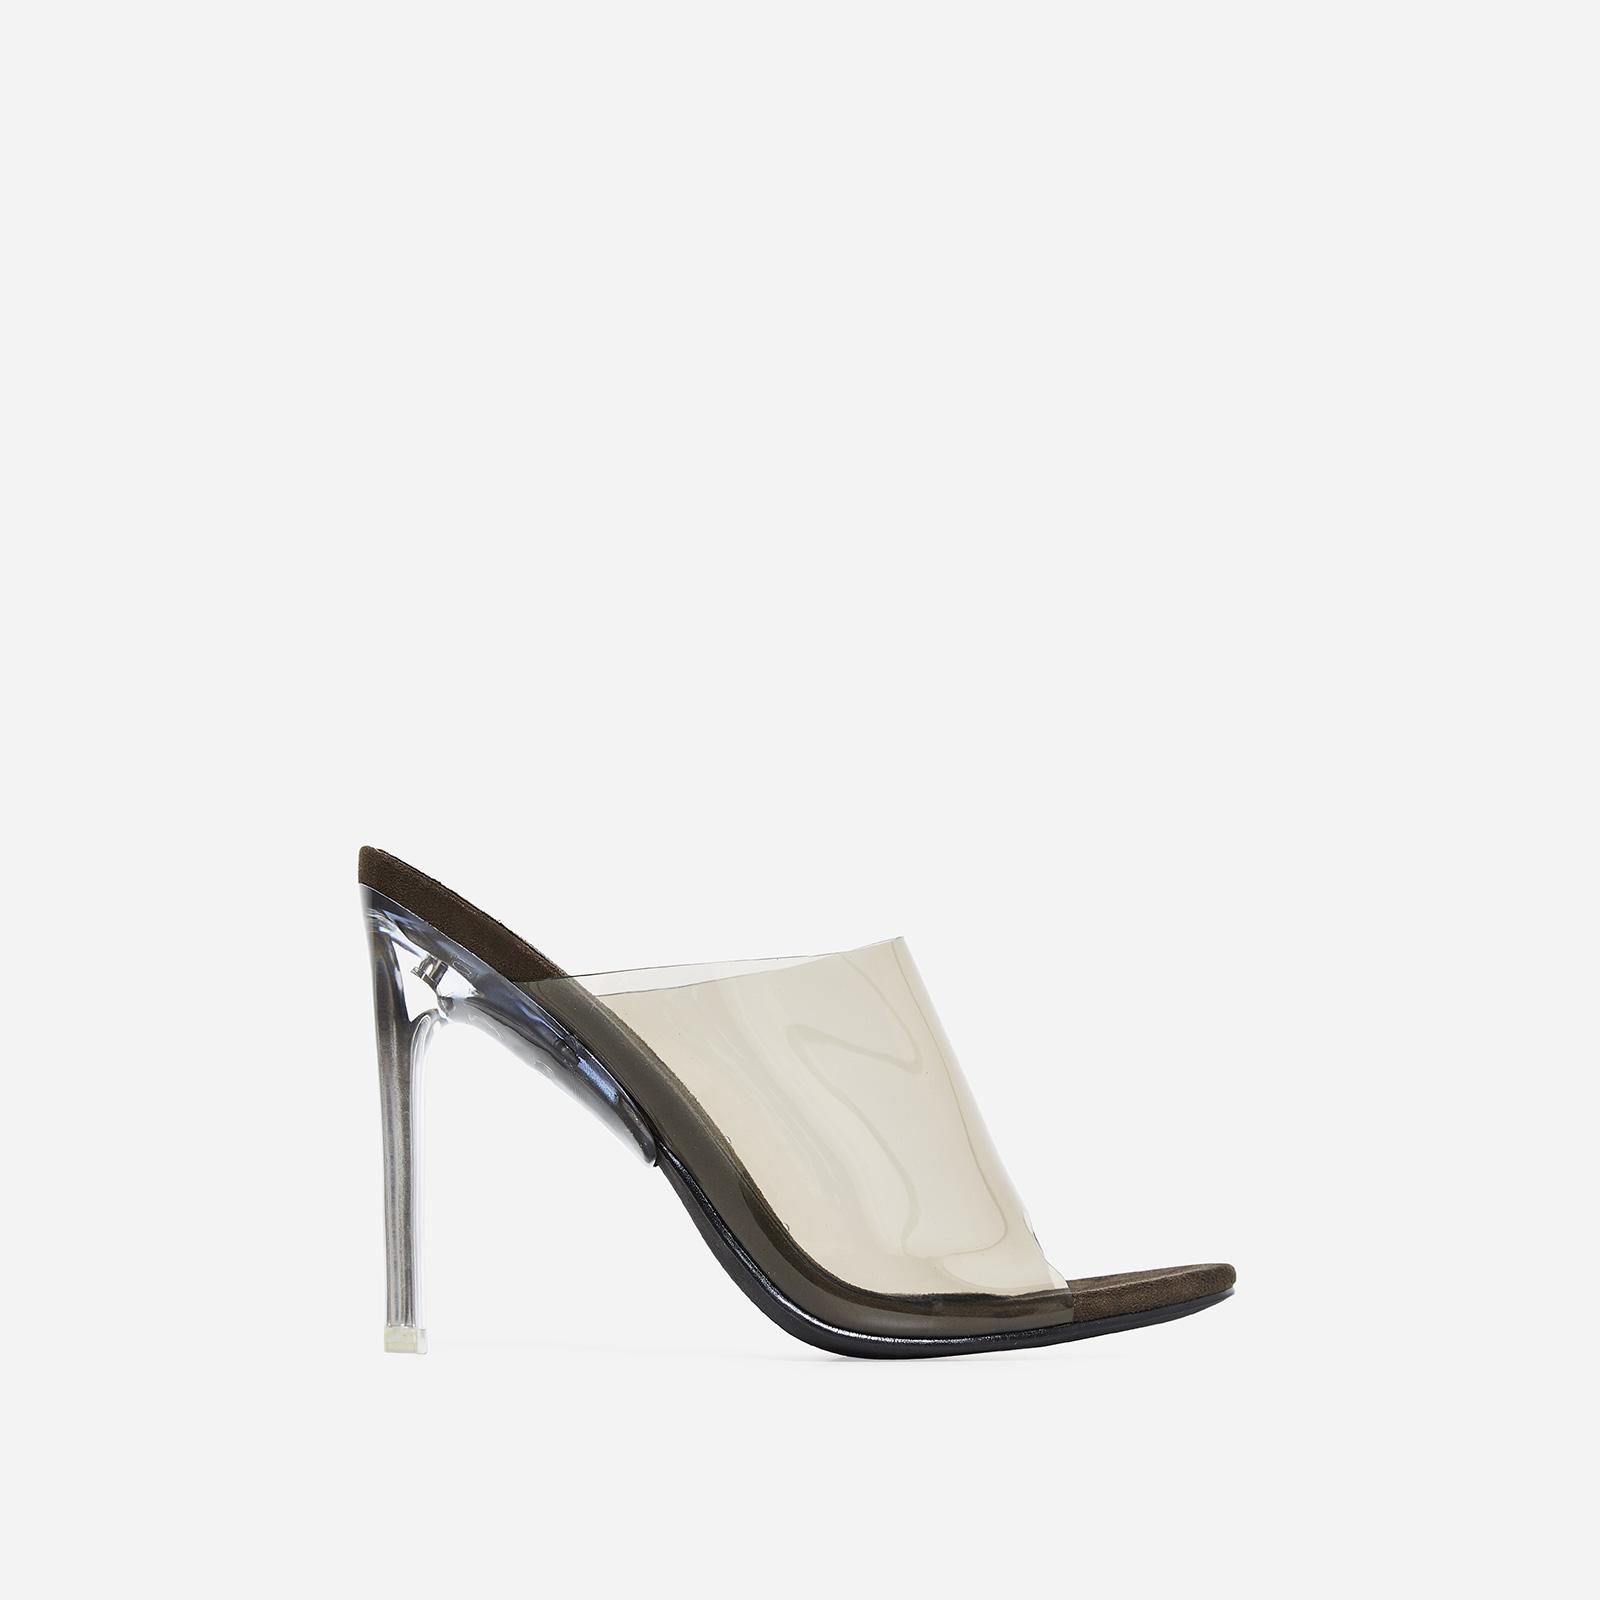 Theory Peep Toe Flat Perspex Heel Mule In Khaki Faux Suede